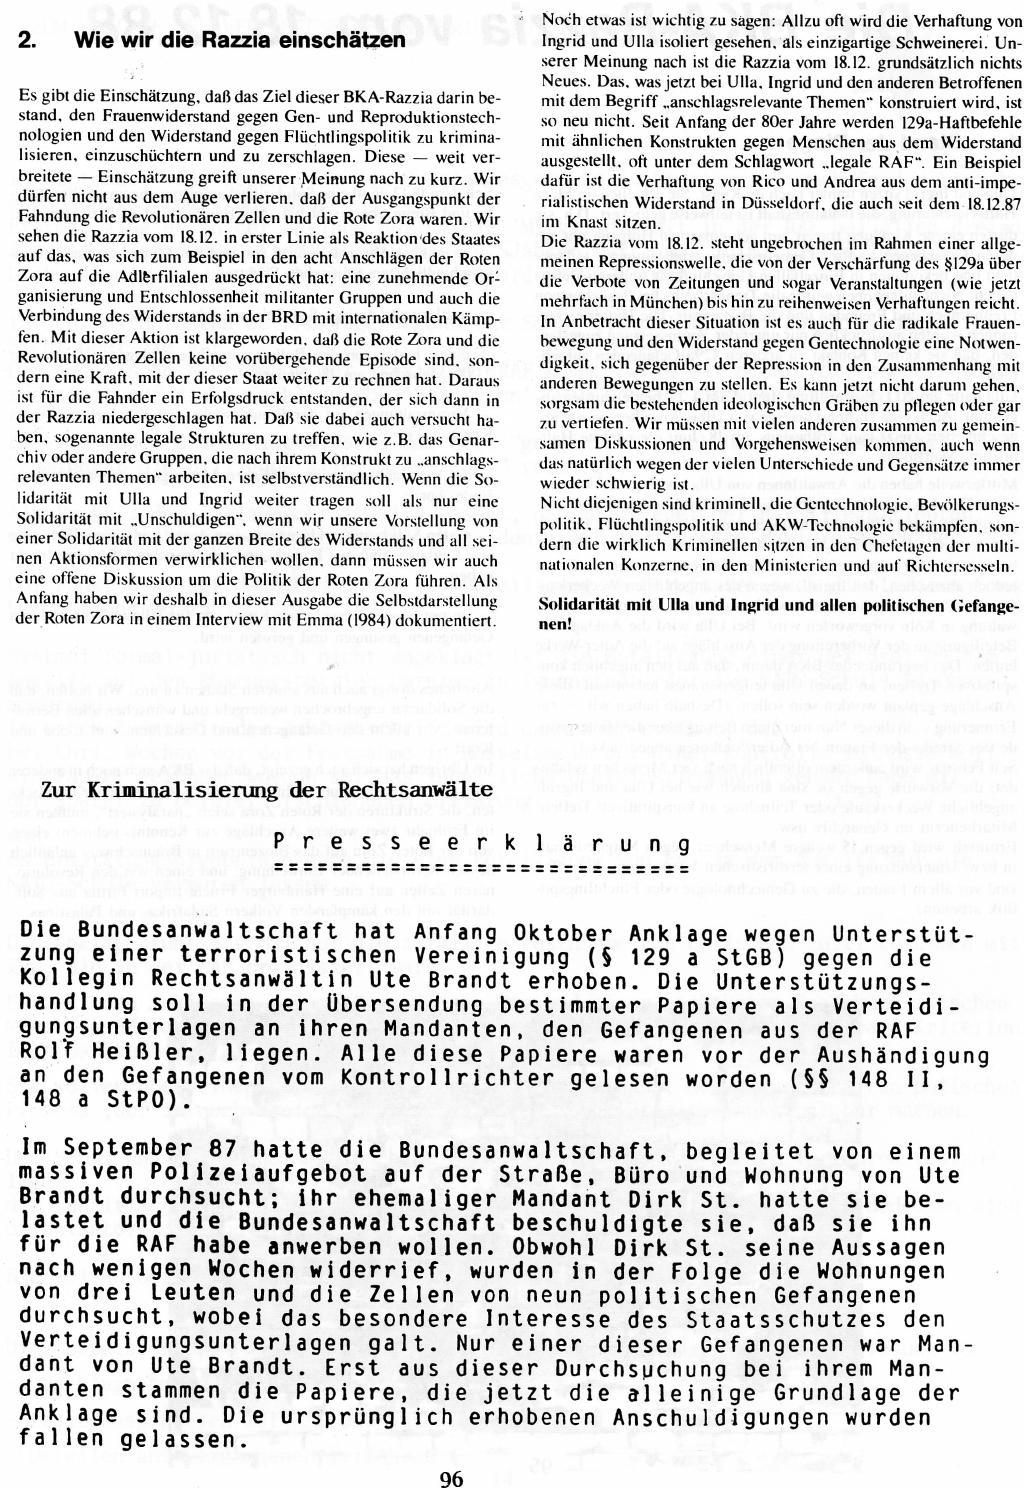 Duesseldorf_1989_Sechs_Politische_Gefangene_096